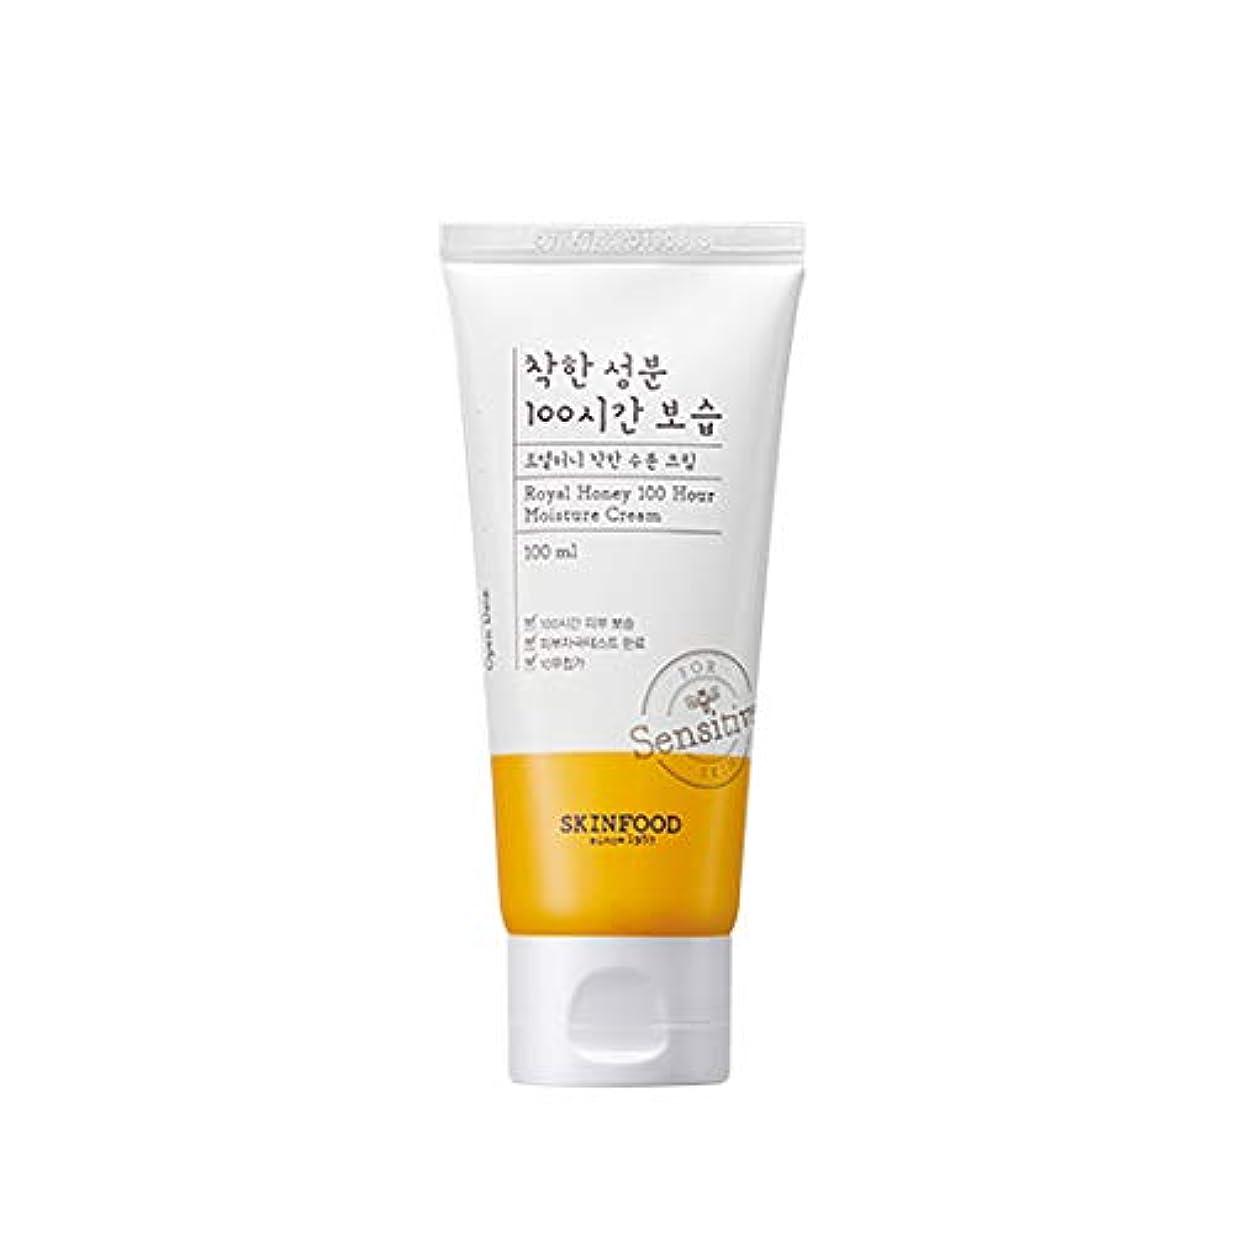 農業著者行動Skinfood ロイヤルハニー100時間モイスチャークリーム / Royal Honey 100 Hour Moisture Cream 100ml [並行輸入品]